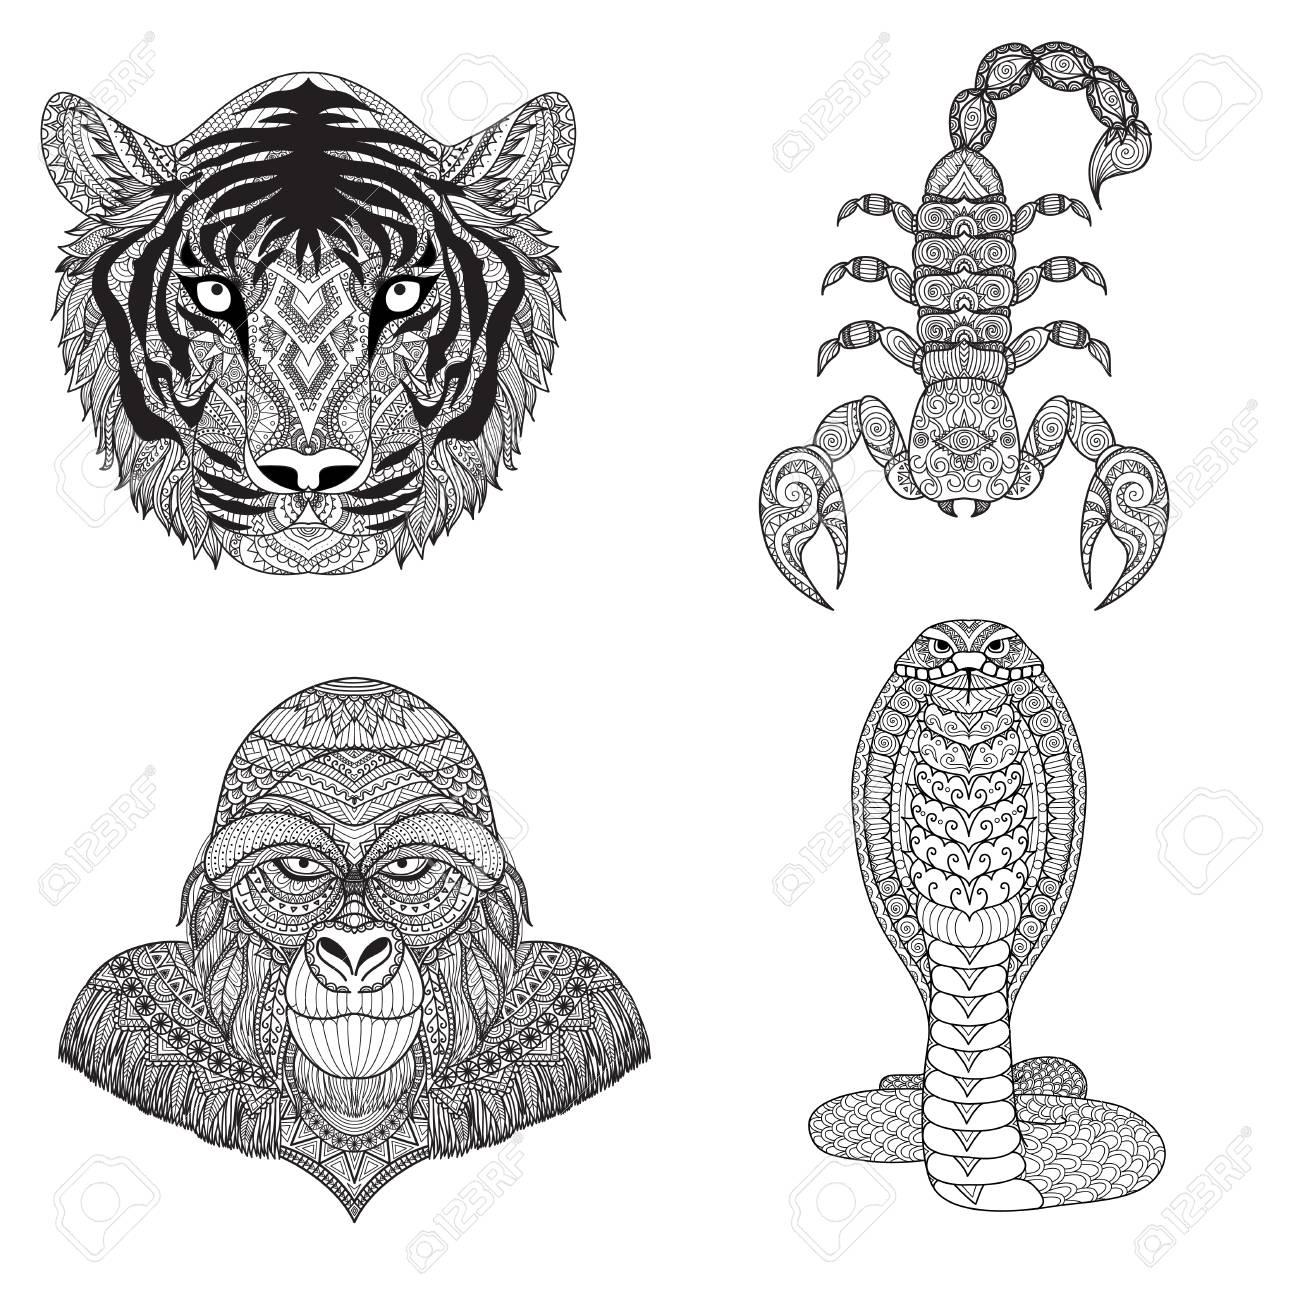 Ungewöhnlich Tiger Malbuch Seiten Ideen - Malvorlagen Von Tieren ...